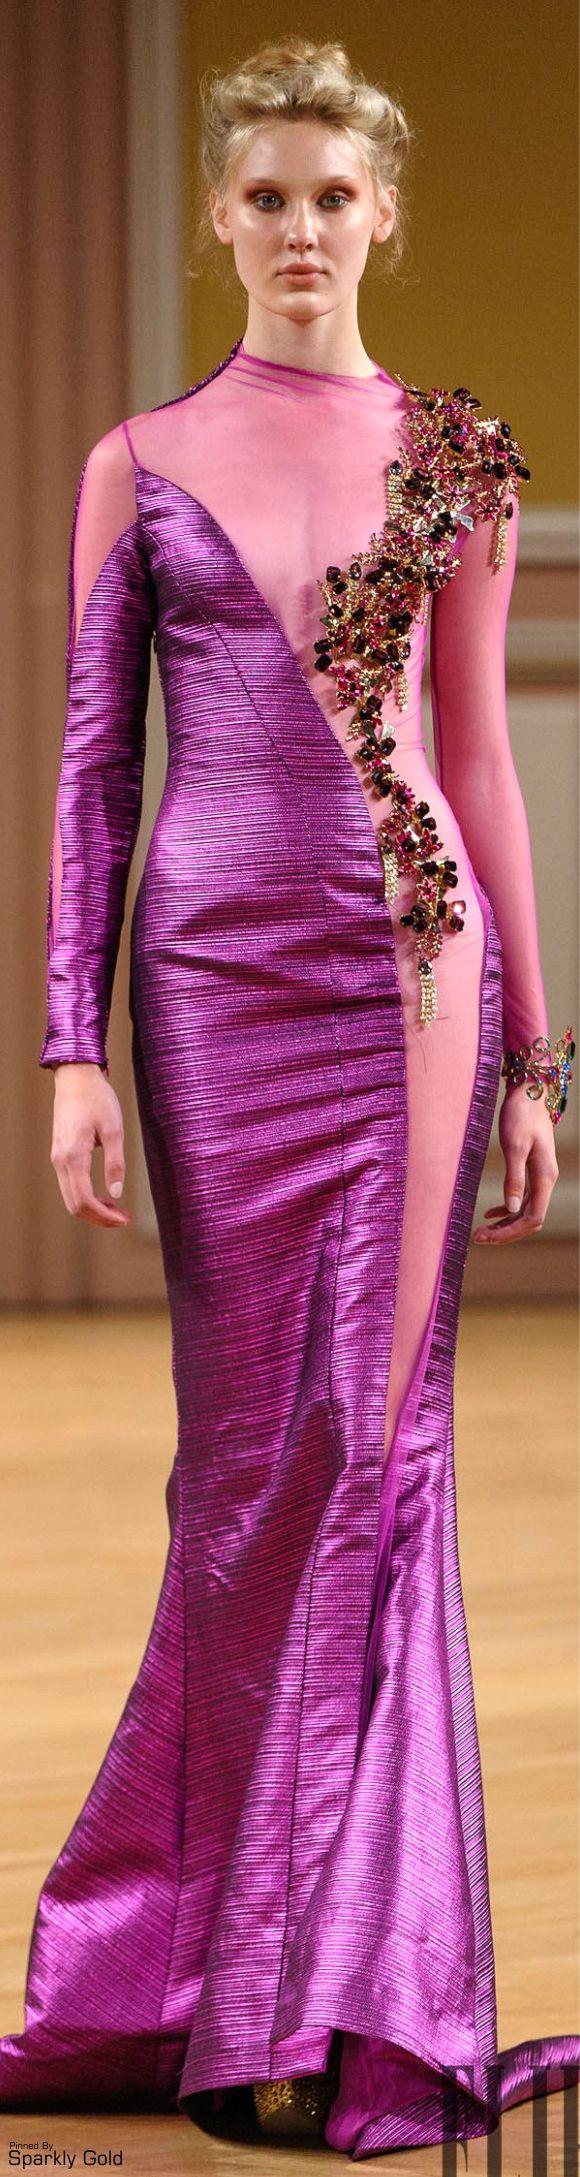 Magnífico Vestido De Fiesta Violeta Modelo - Ideas de Vestido para ...